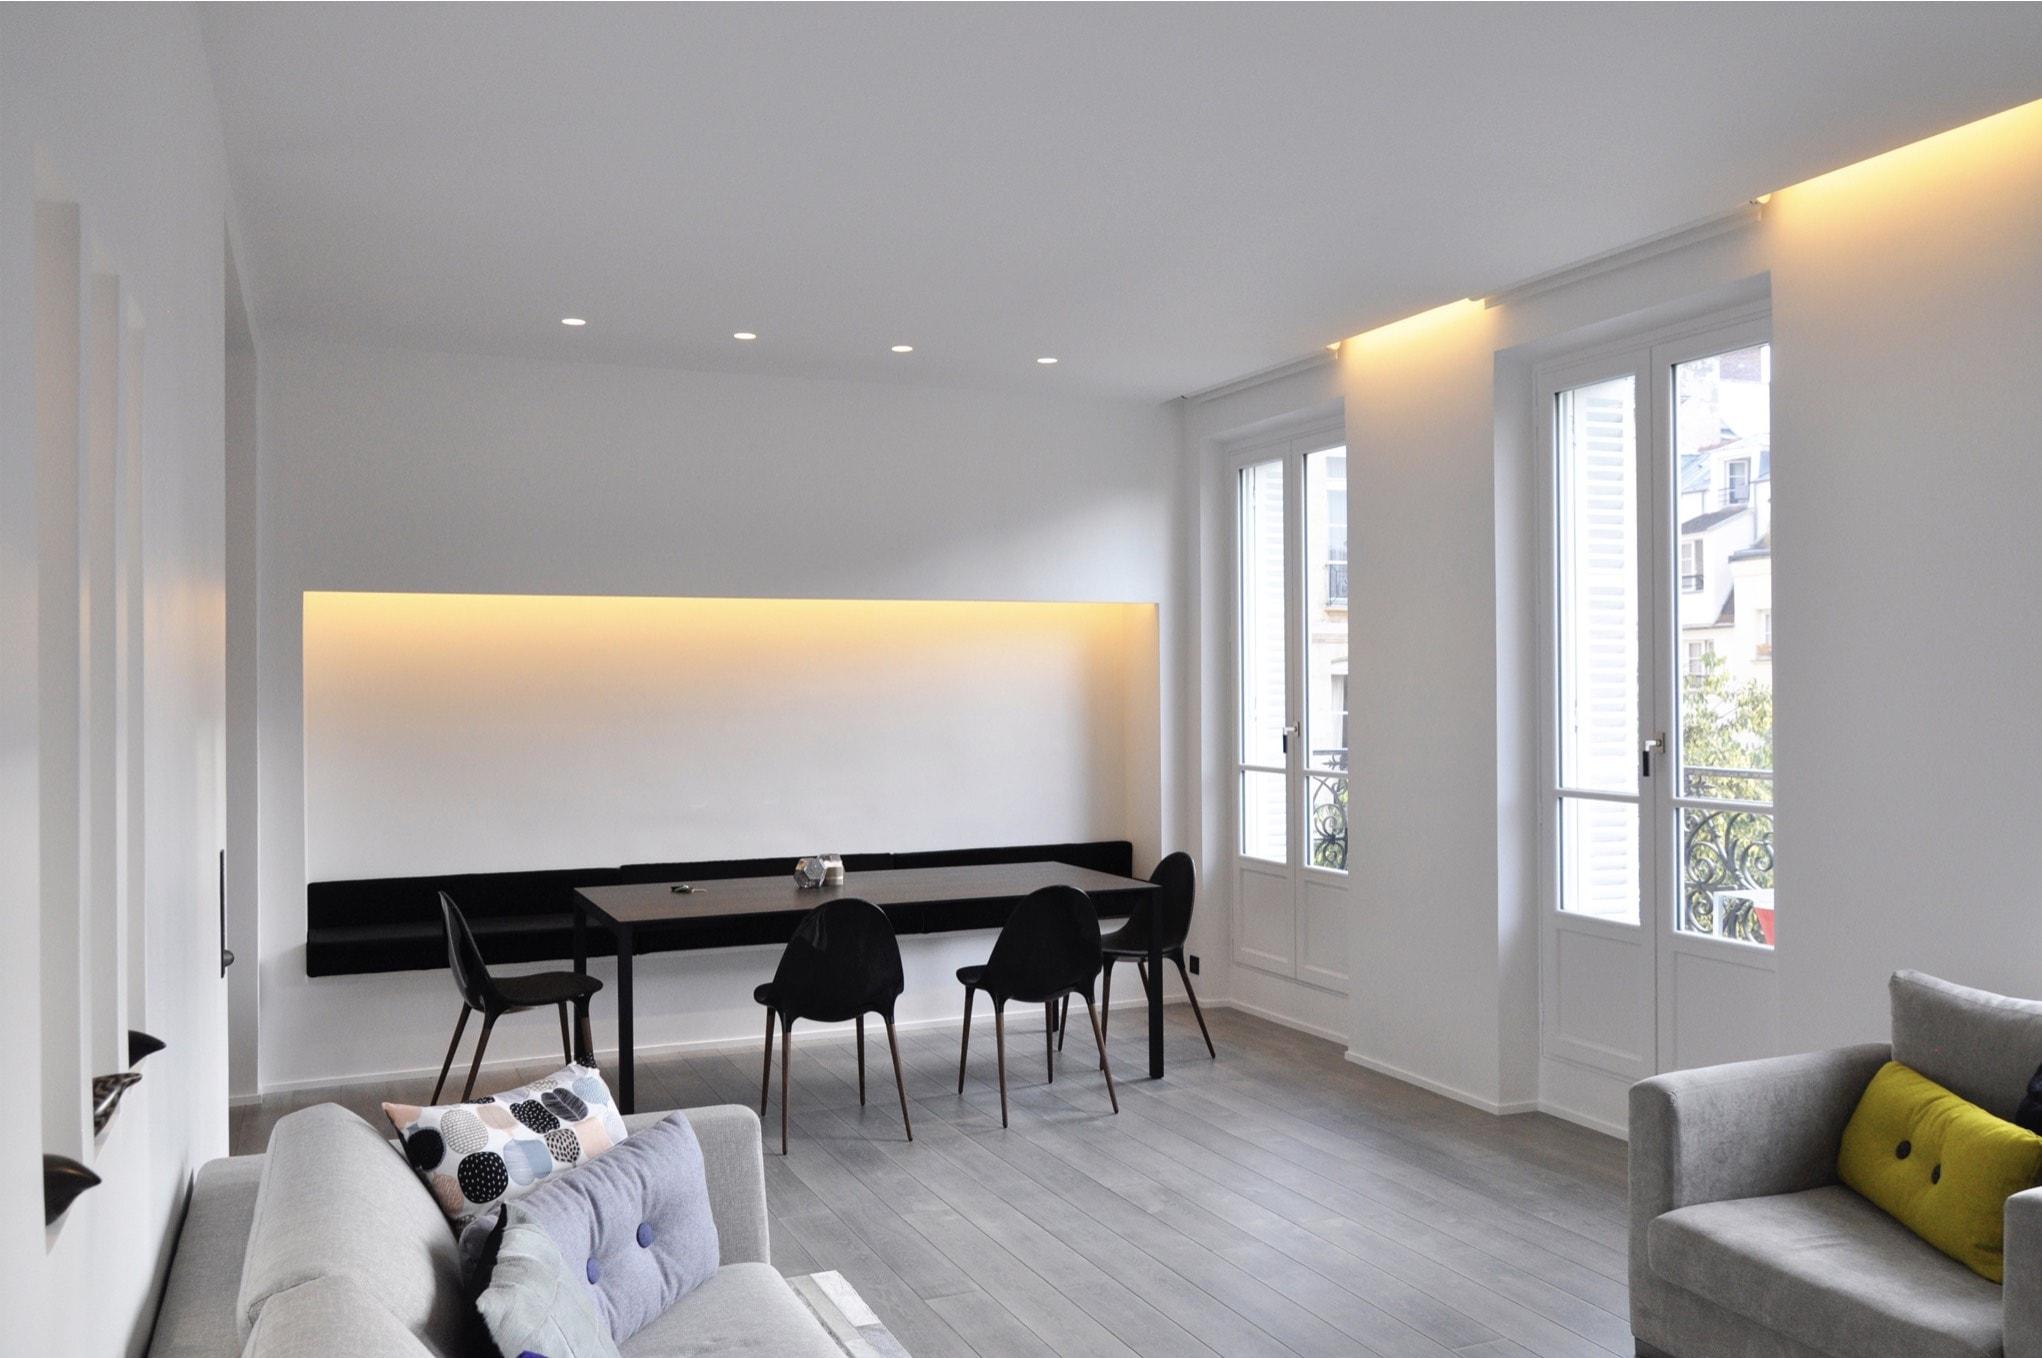 Appartement moderne vue salon et salle manger huggy for Salle a manger 92100